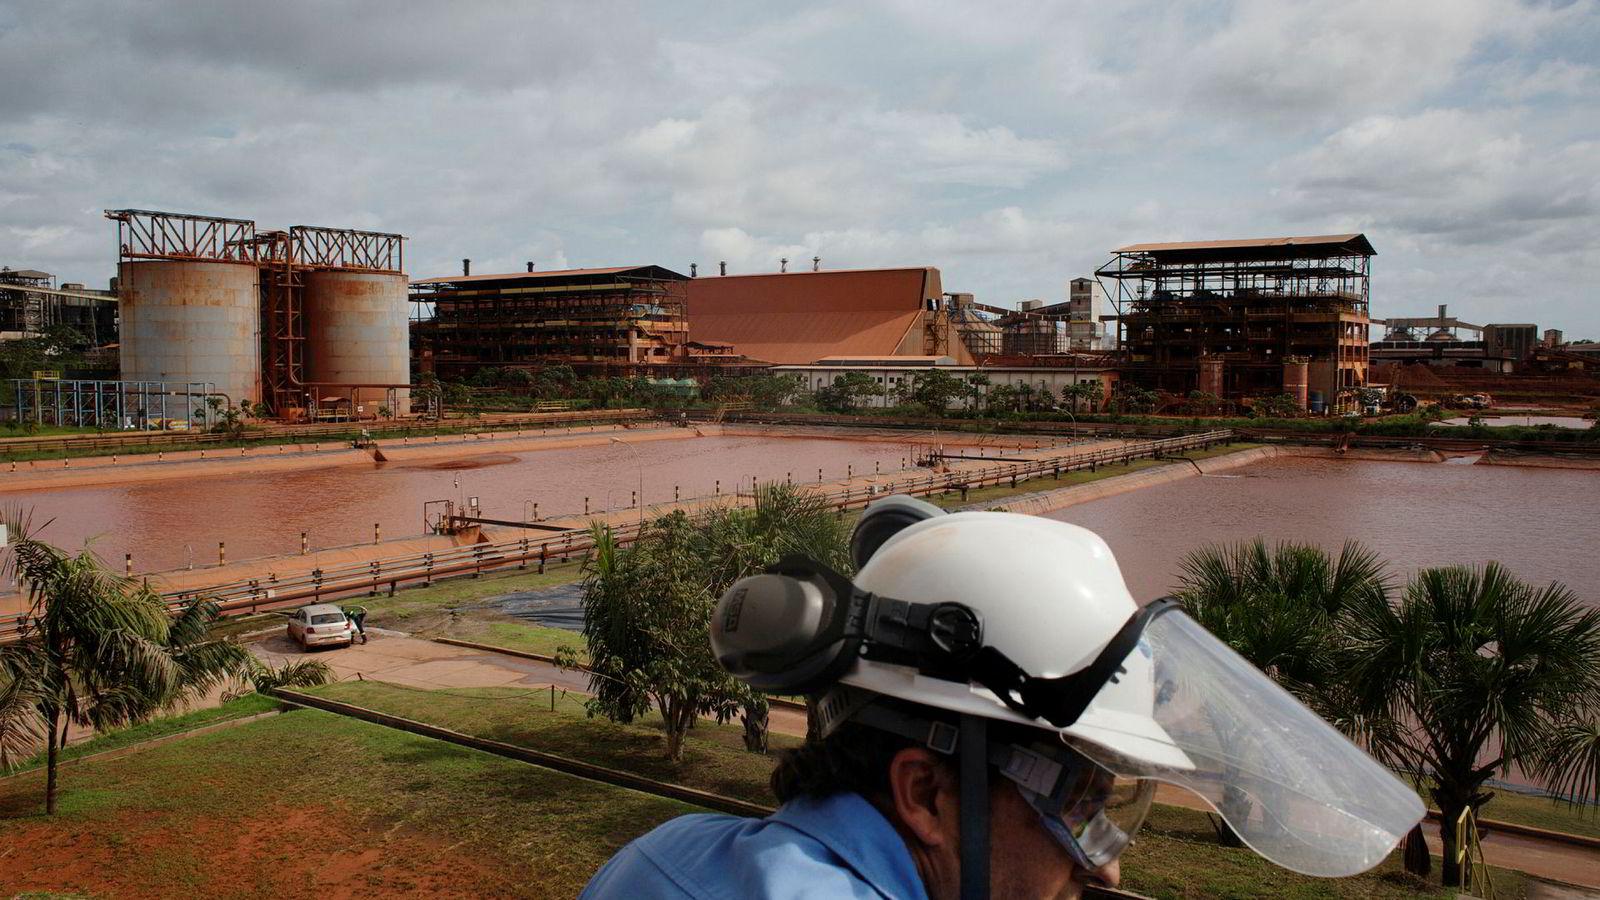 Alunorte er verdens største raffineri av bauksitt til alumina, som er den viktigste ingrediensen i aluminium, og er en betydelig inntektskilde for Hydro. Anlegget produserte til en verdi av 18,5 milliarder korner i fjor.